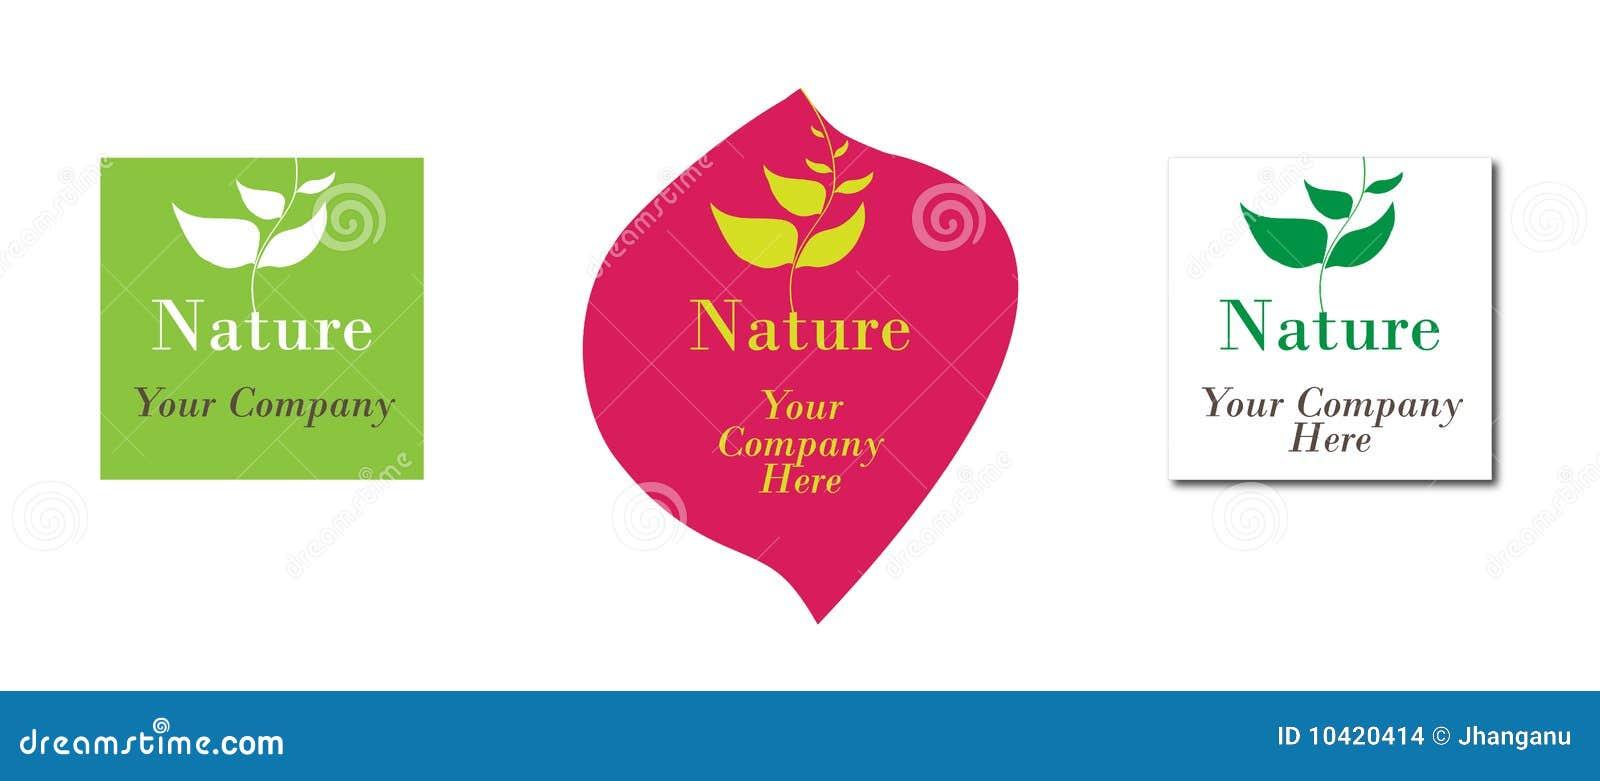 Nature ecology logo